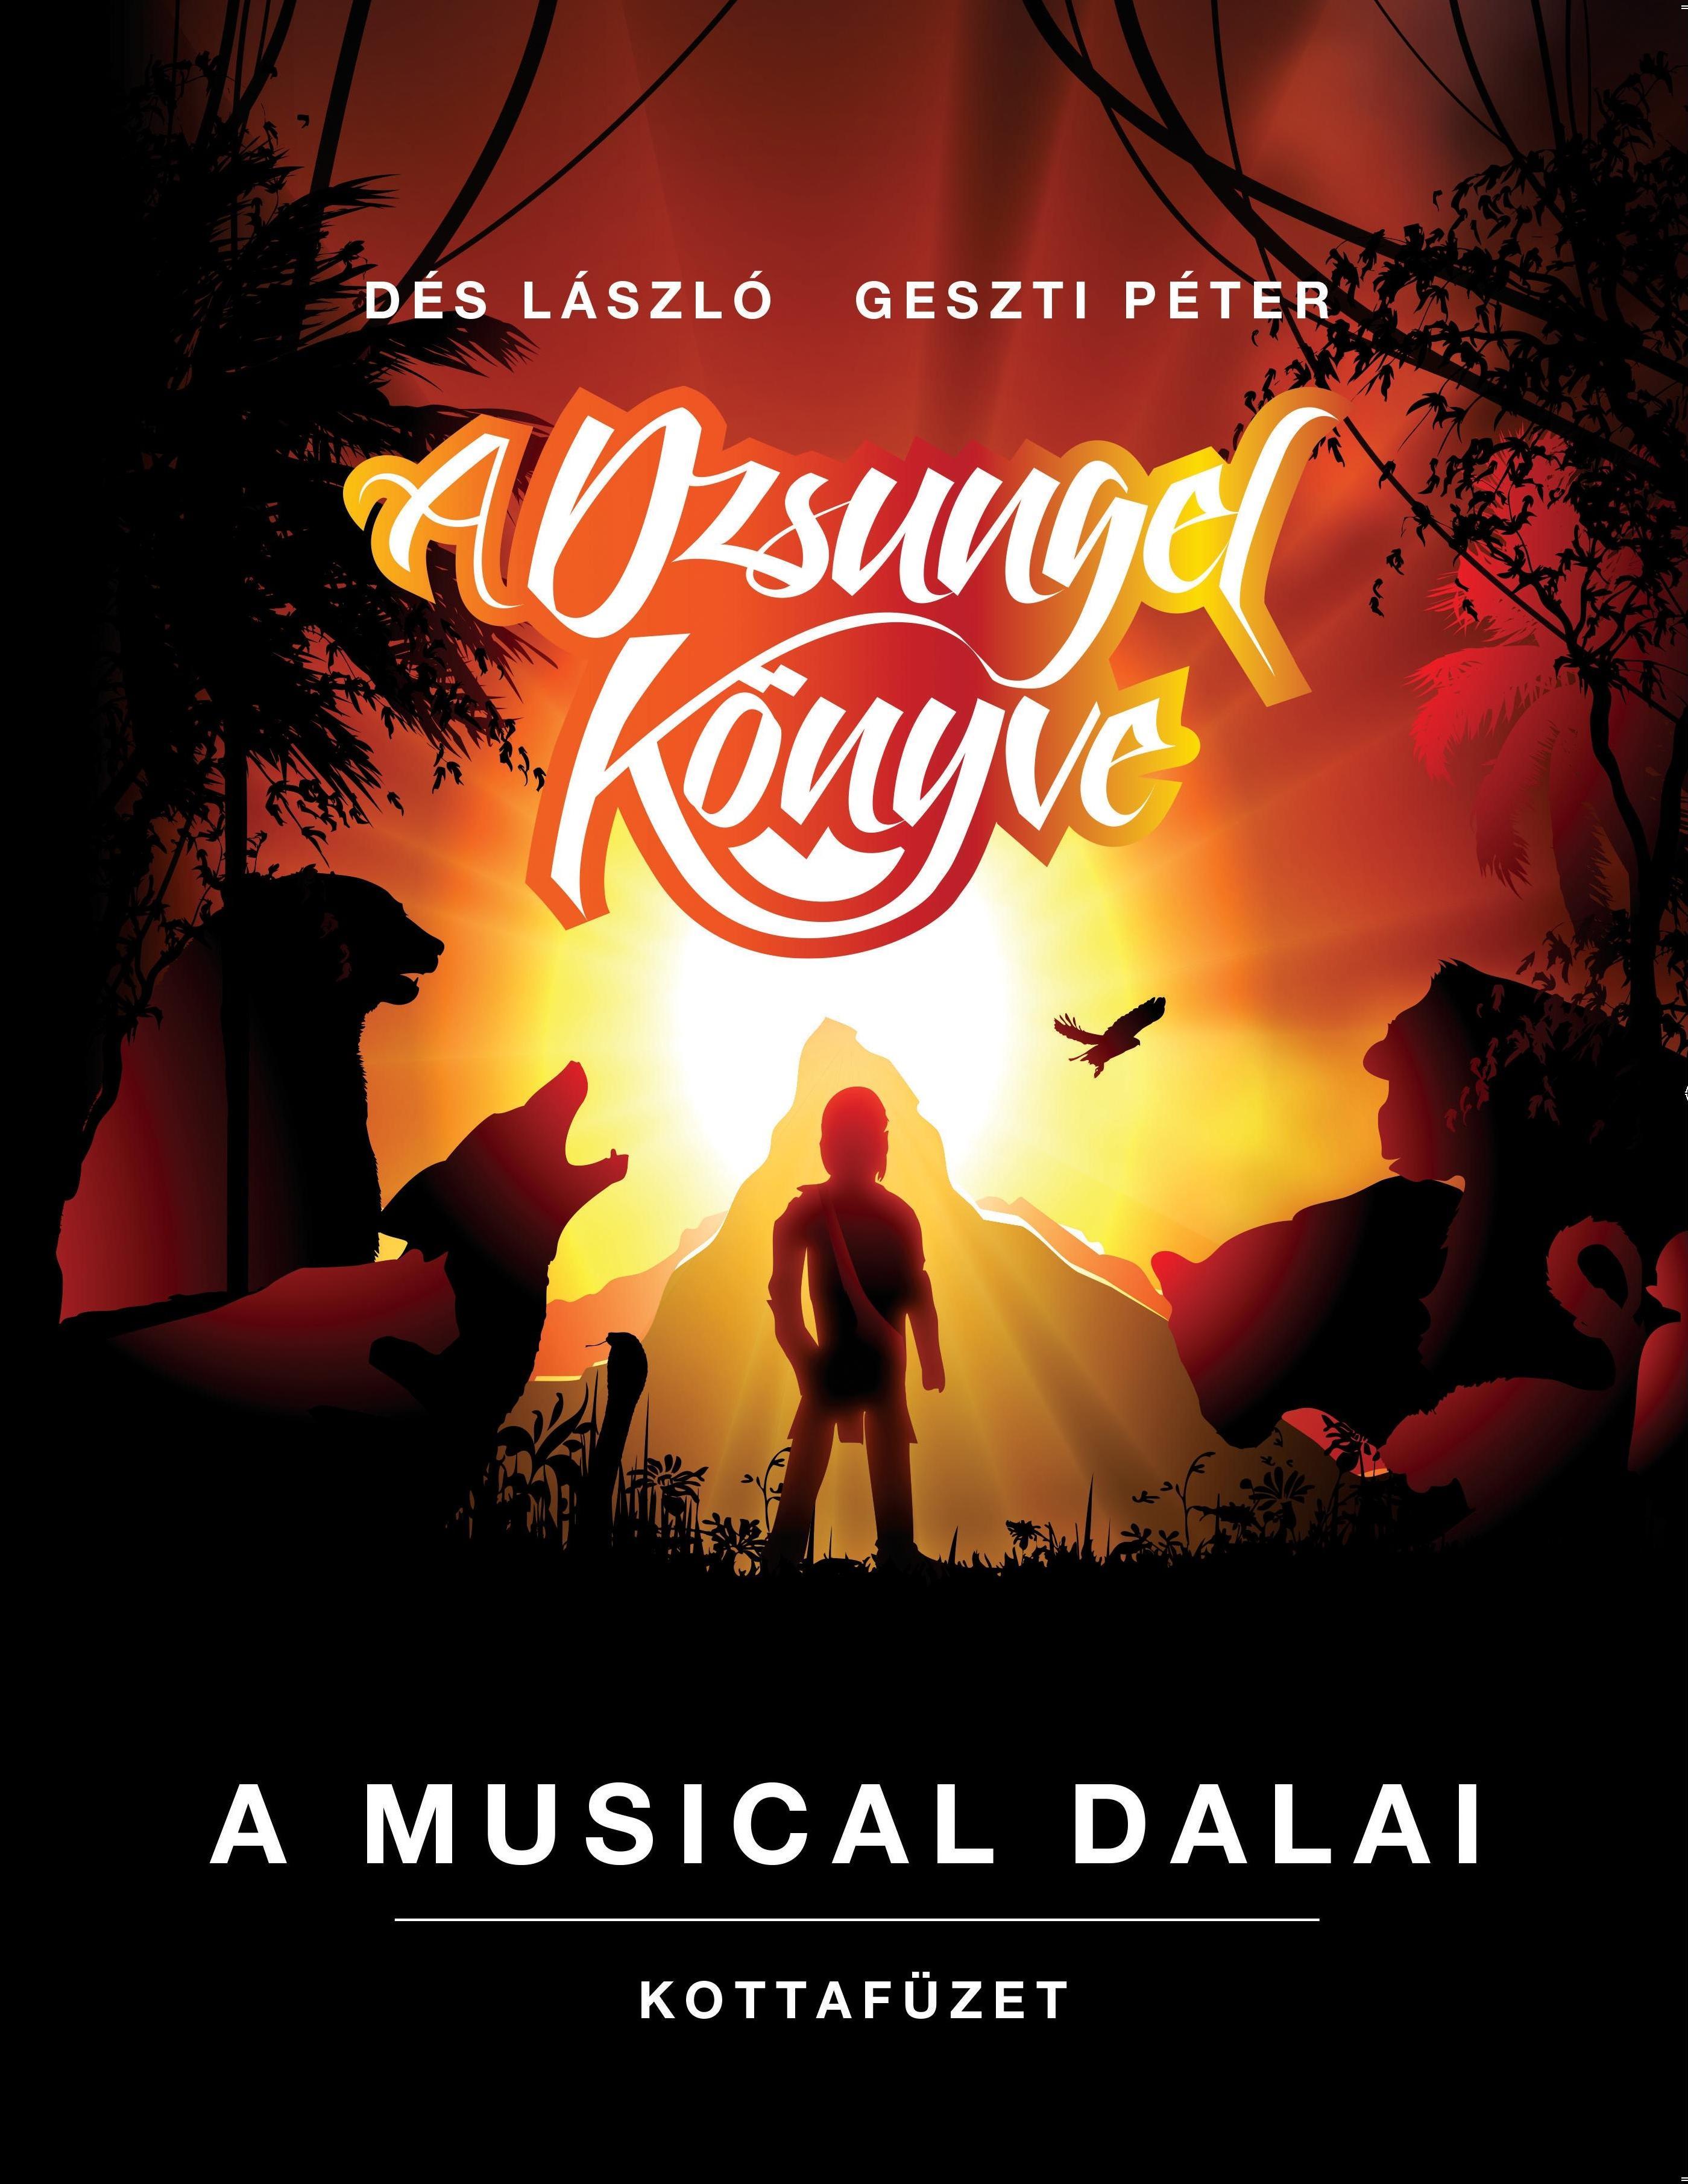 DÉS LÁSZLÓ - GESZTI PÉTER - A DZSUNGEL KÖNYVE - A MUSICAL DALAI, KOTTAFÜZET